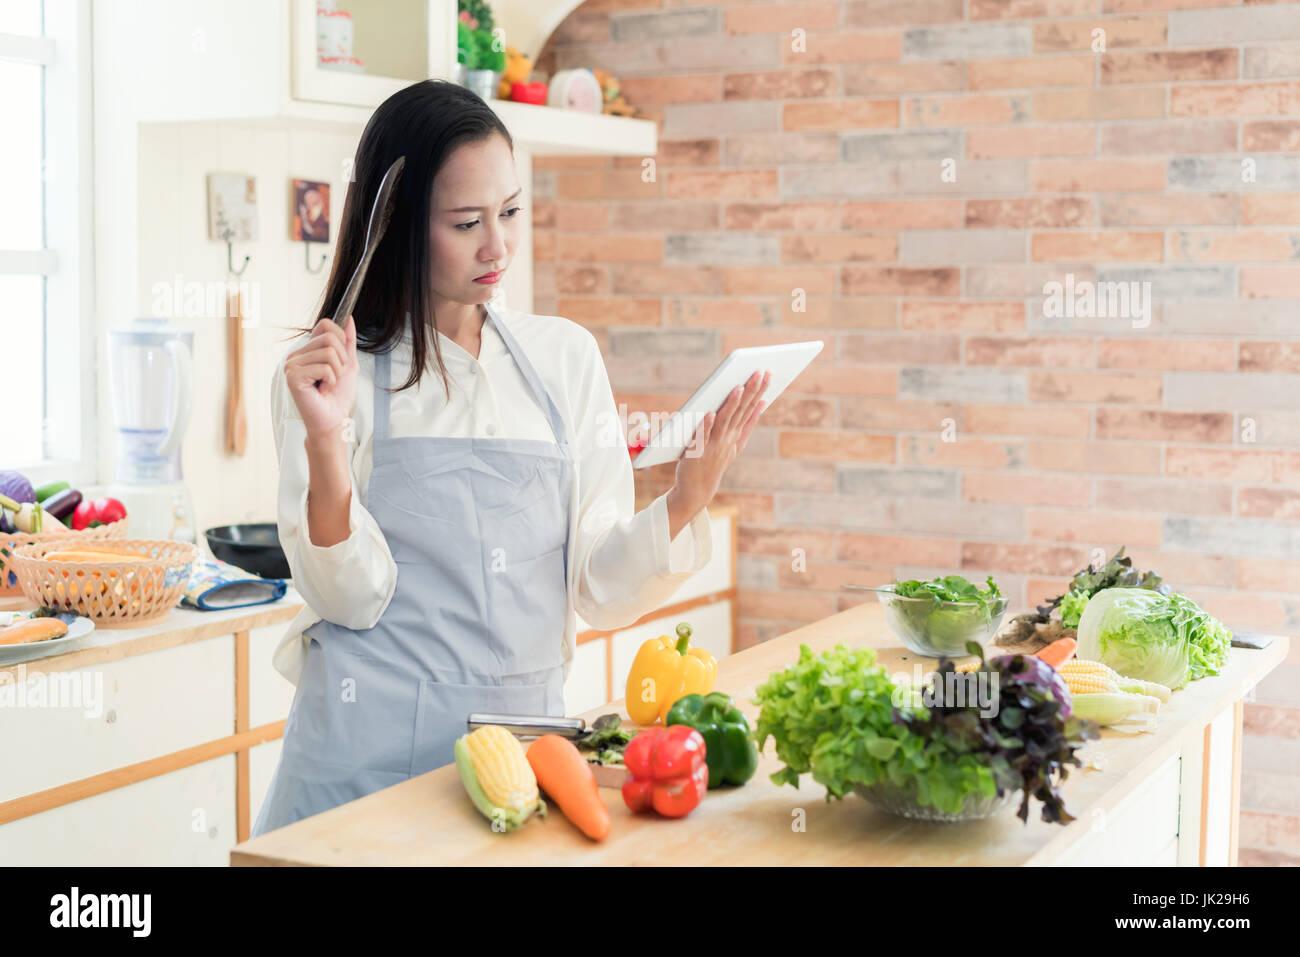 Alegre joven asiática es cocinar en la cocina con alegría. Ella está de pie y celebración de Imagen De Stock